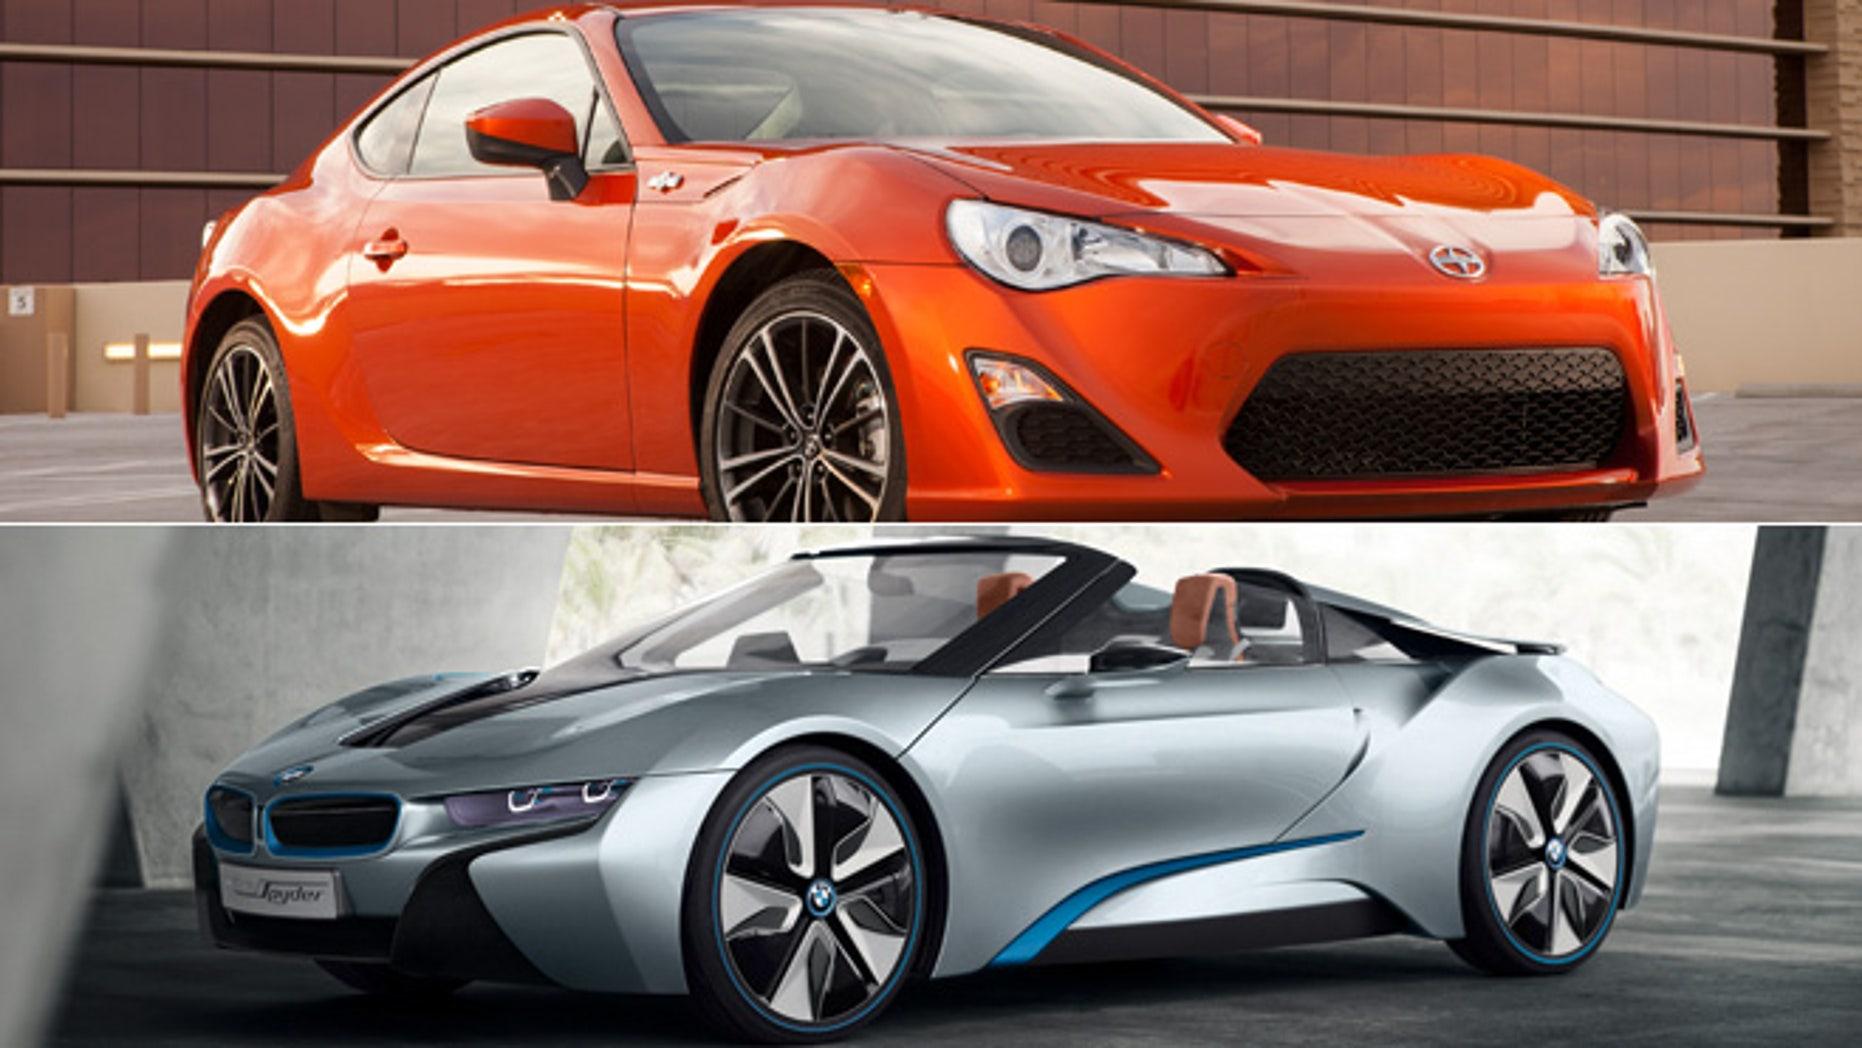 Scion FR-S/BMW i8 Spyder Concept